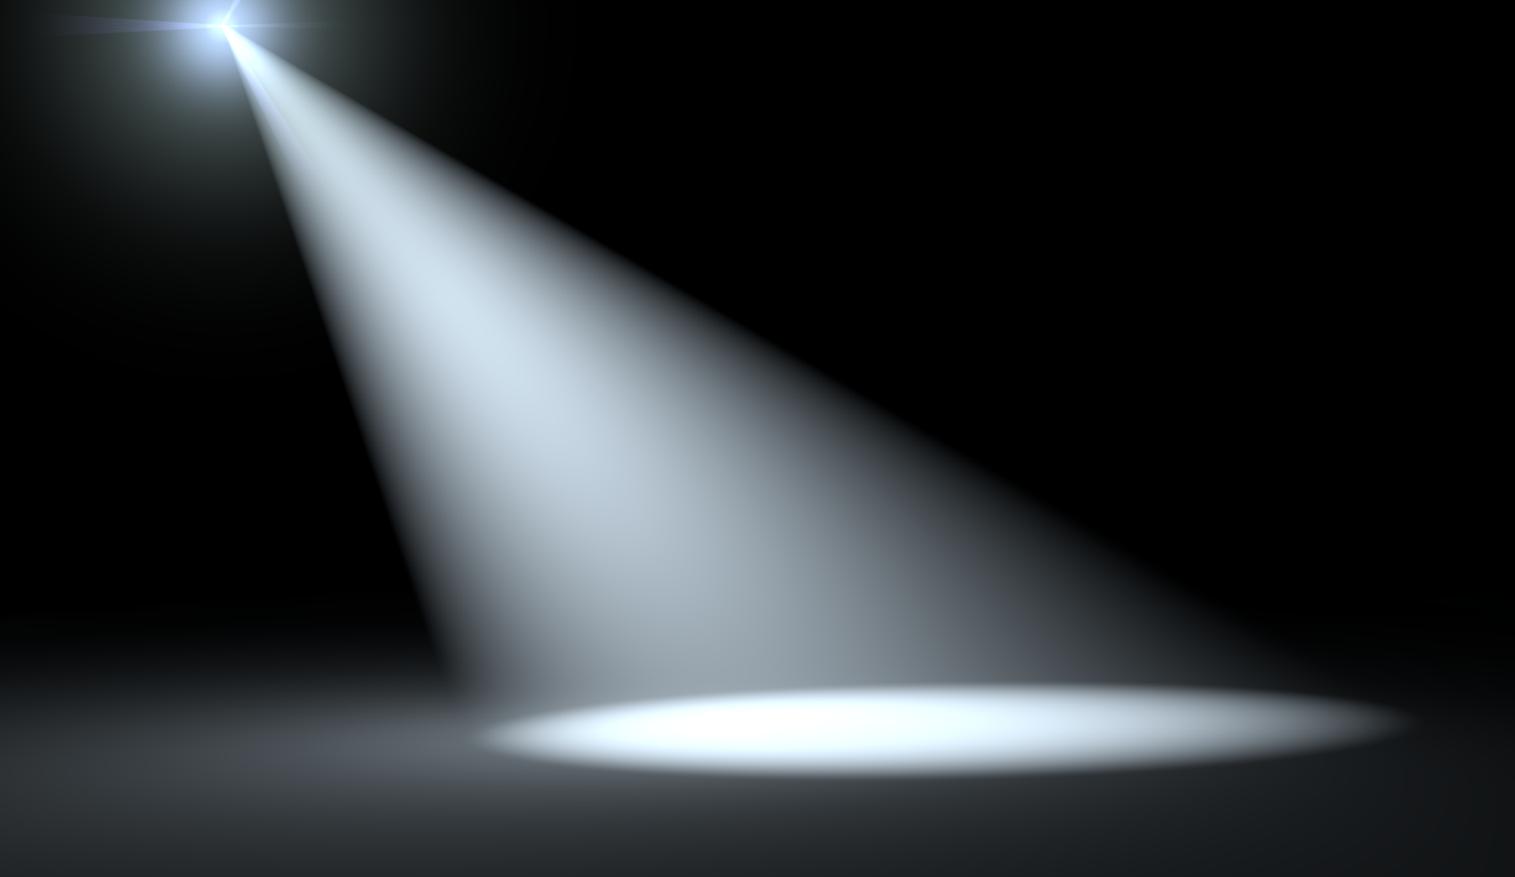 spotlight-png-hd-free-spotlight-image-fr